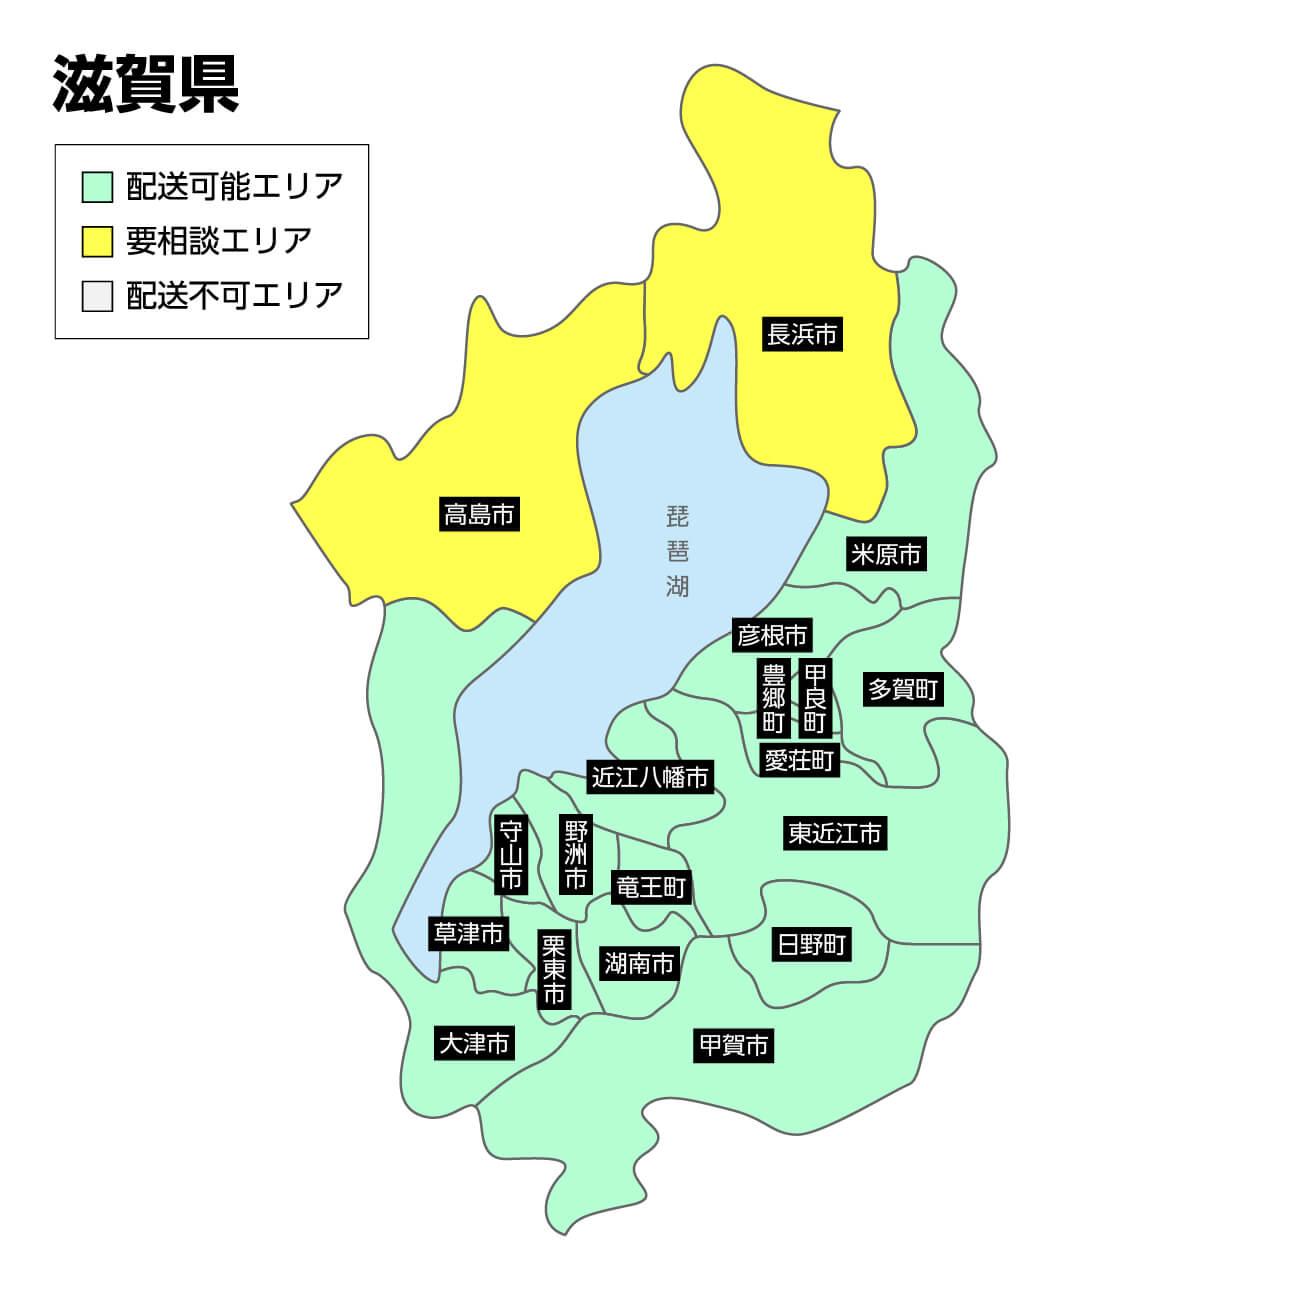 滋賀県の集荷可能エリア